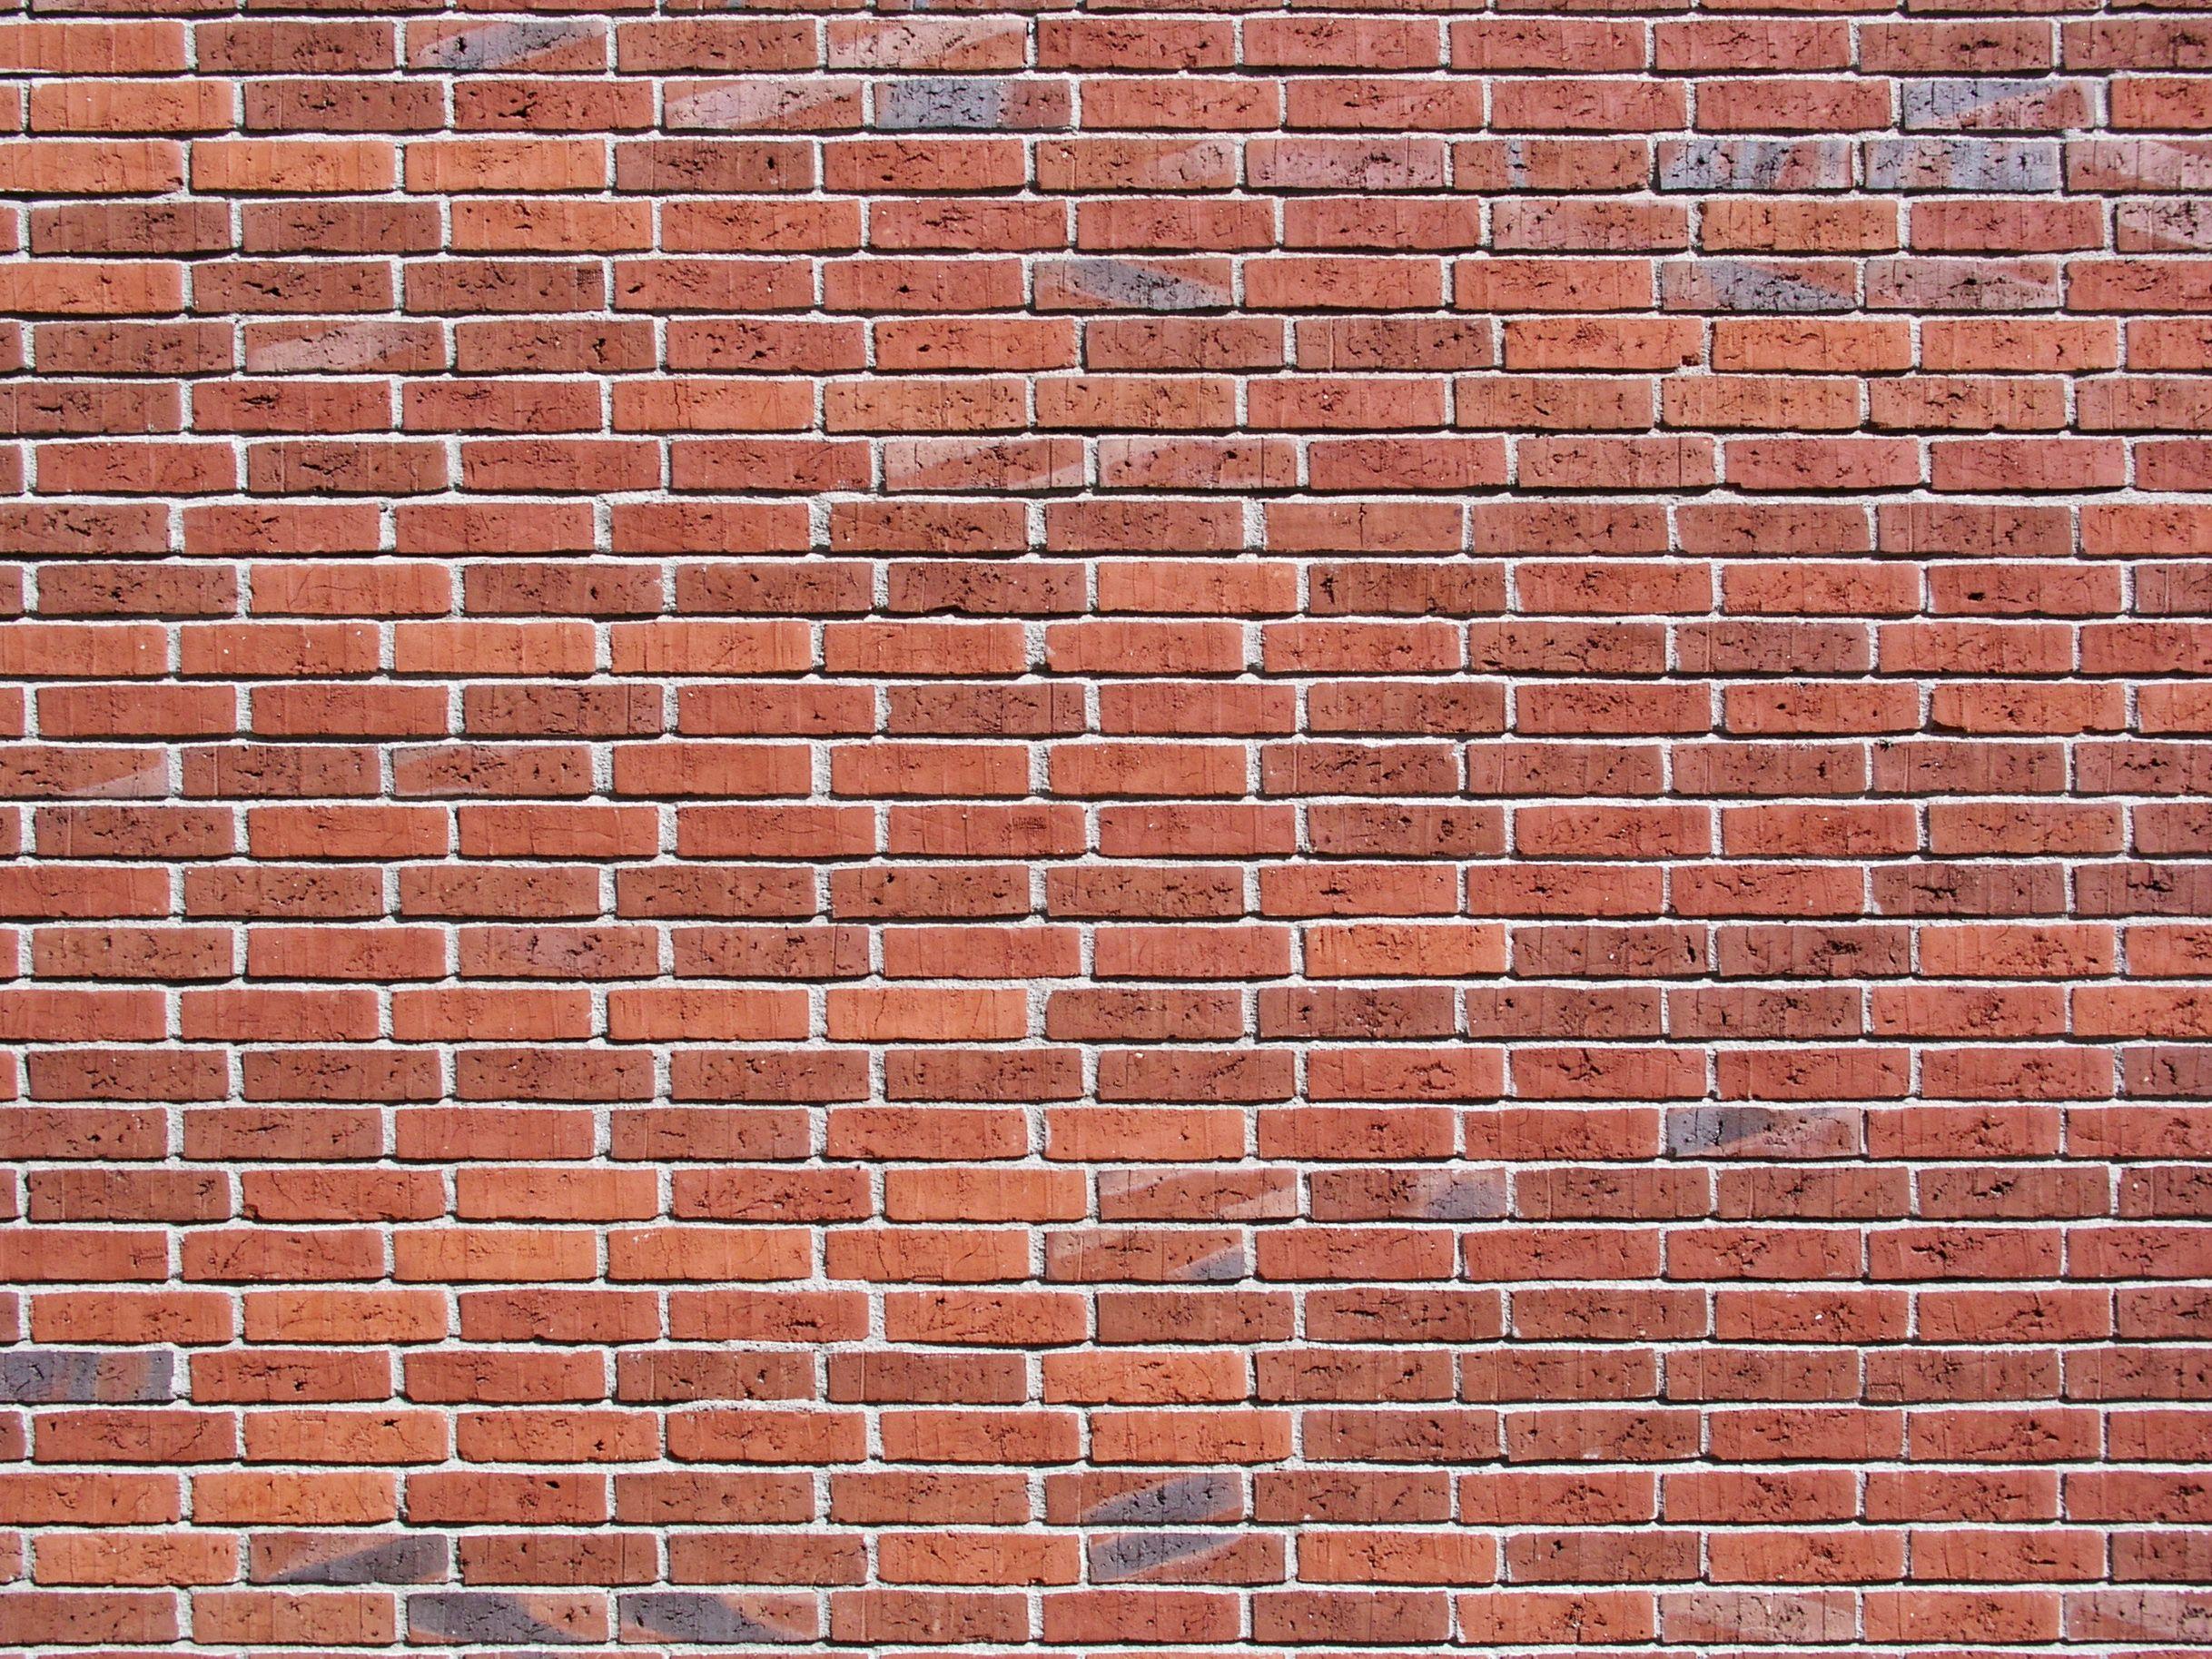 34 brick wall wallpaper - photo #17